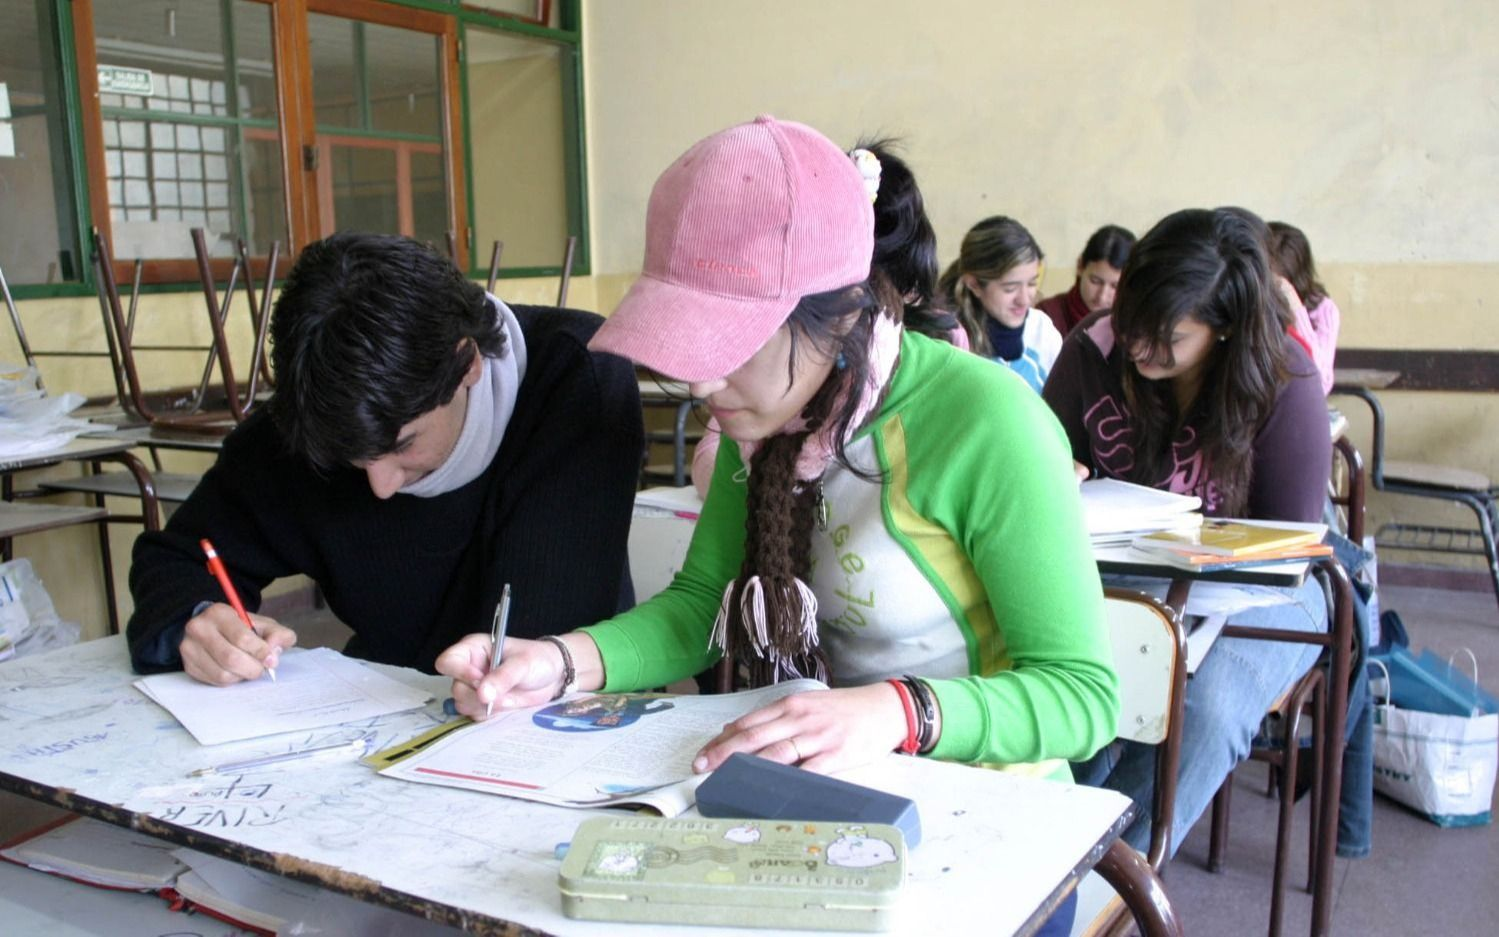 La necesidad de reforzar el aprendizaje de casi 2 millones de alumnos en el país